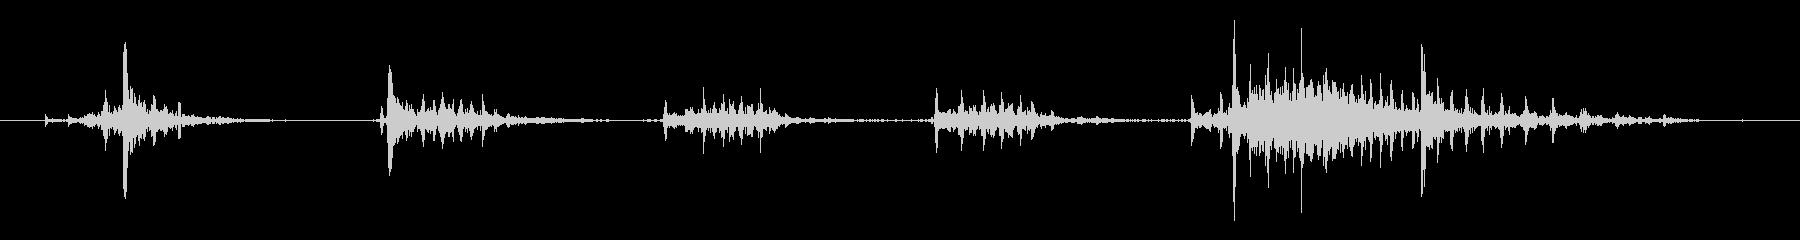 ガスチェーンソー:ラピッドプルと誤...の未再生の波形